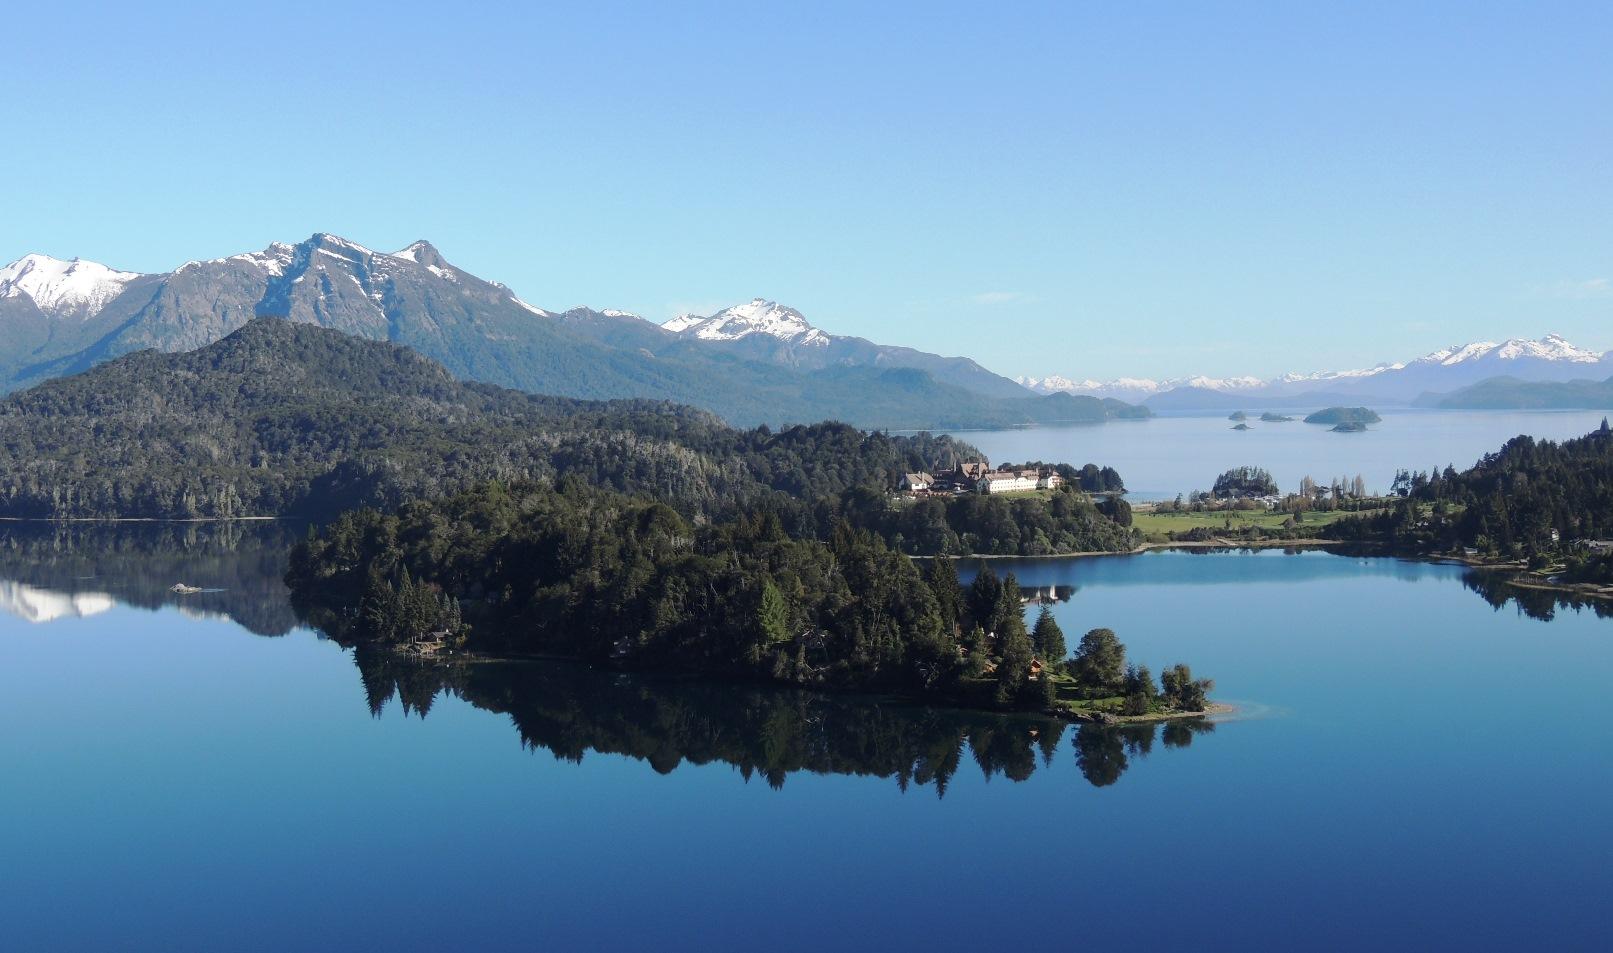 南米のスイスとも呼ばれる風光明媚なバリローチェの風景(3日目・4日目)